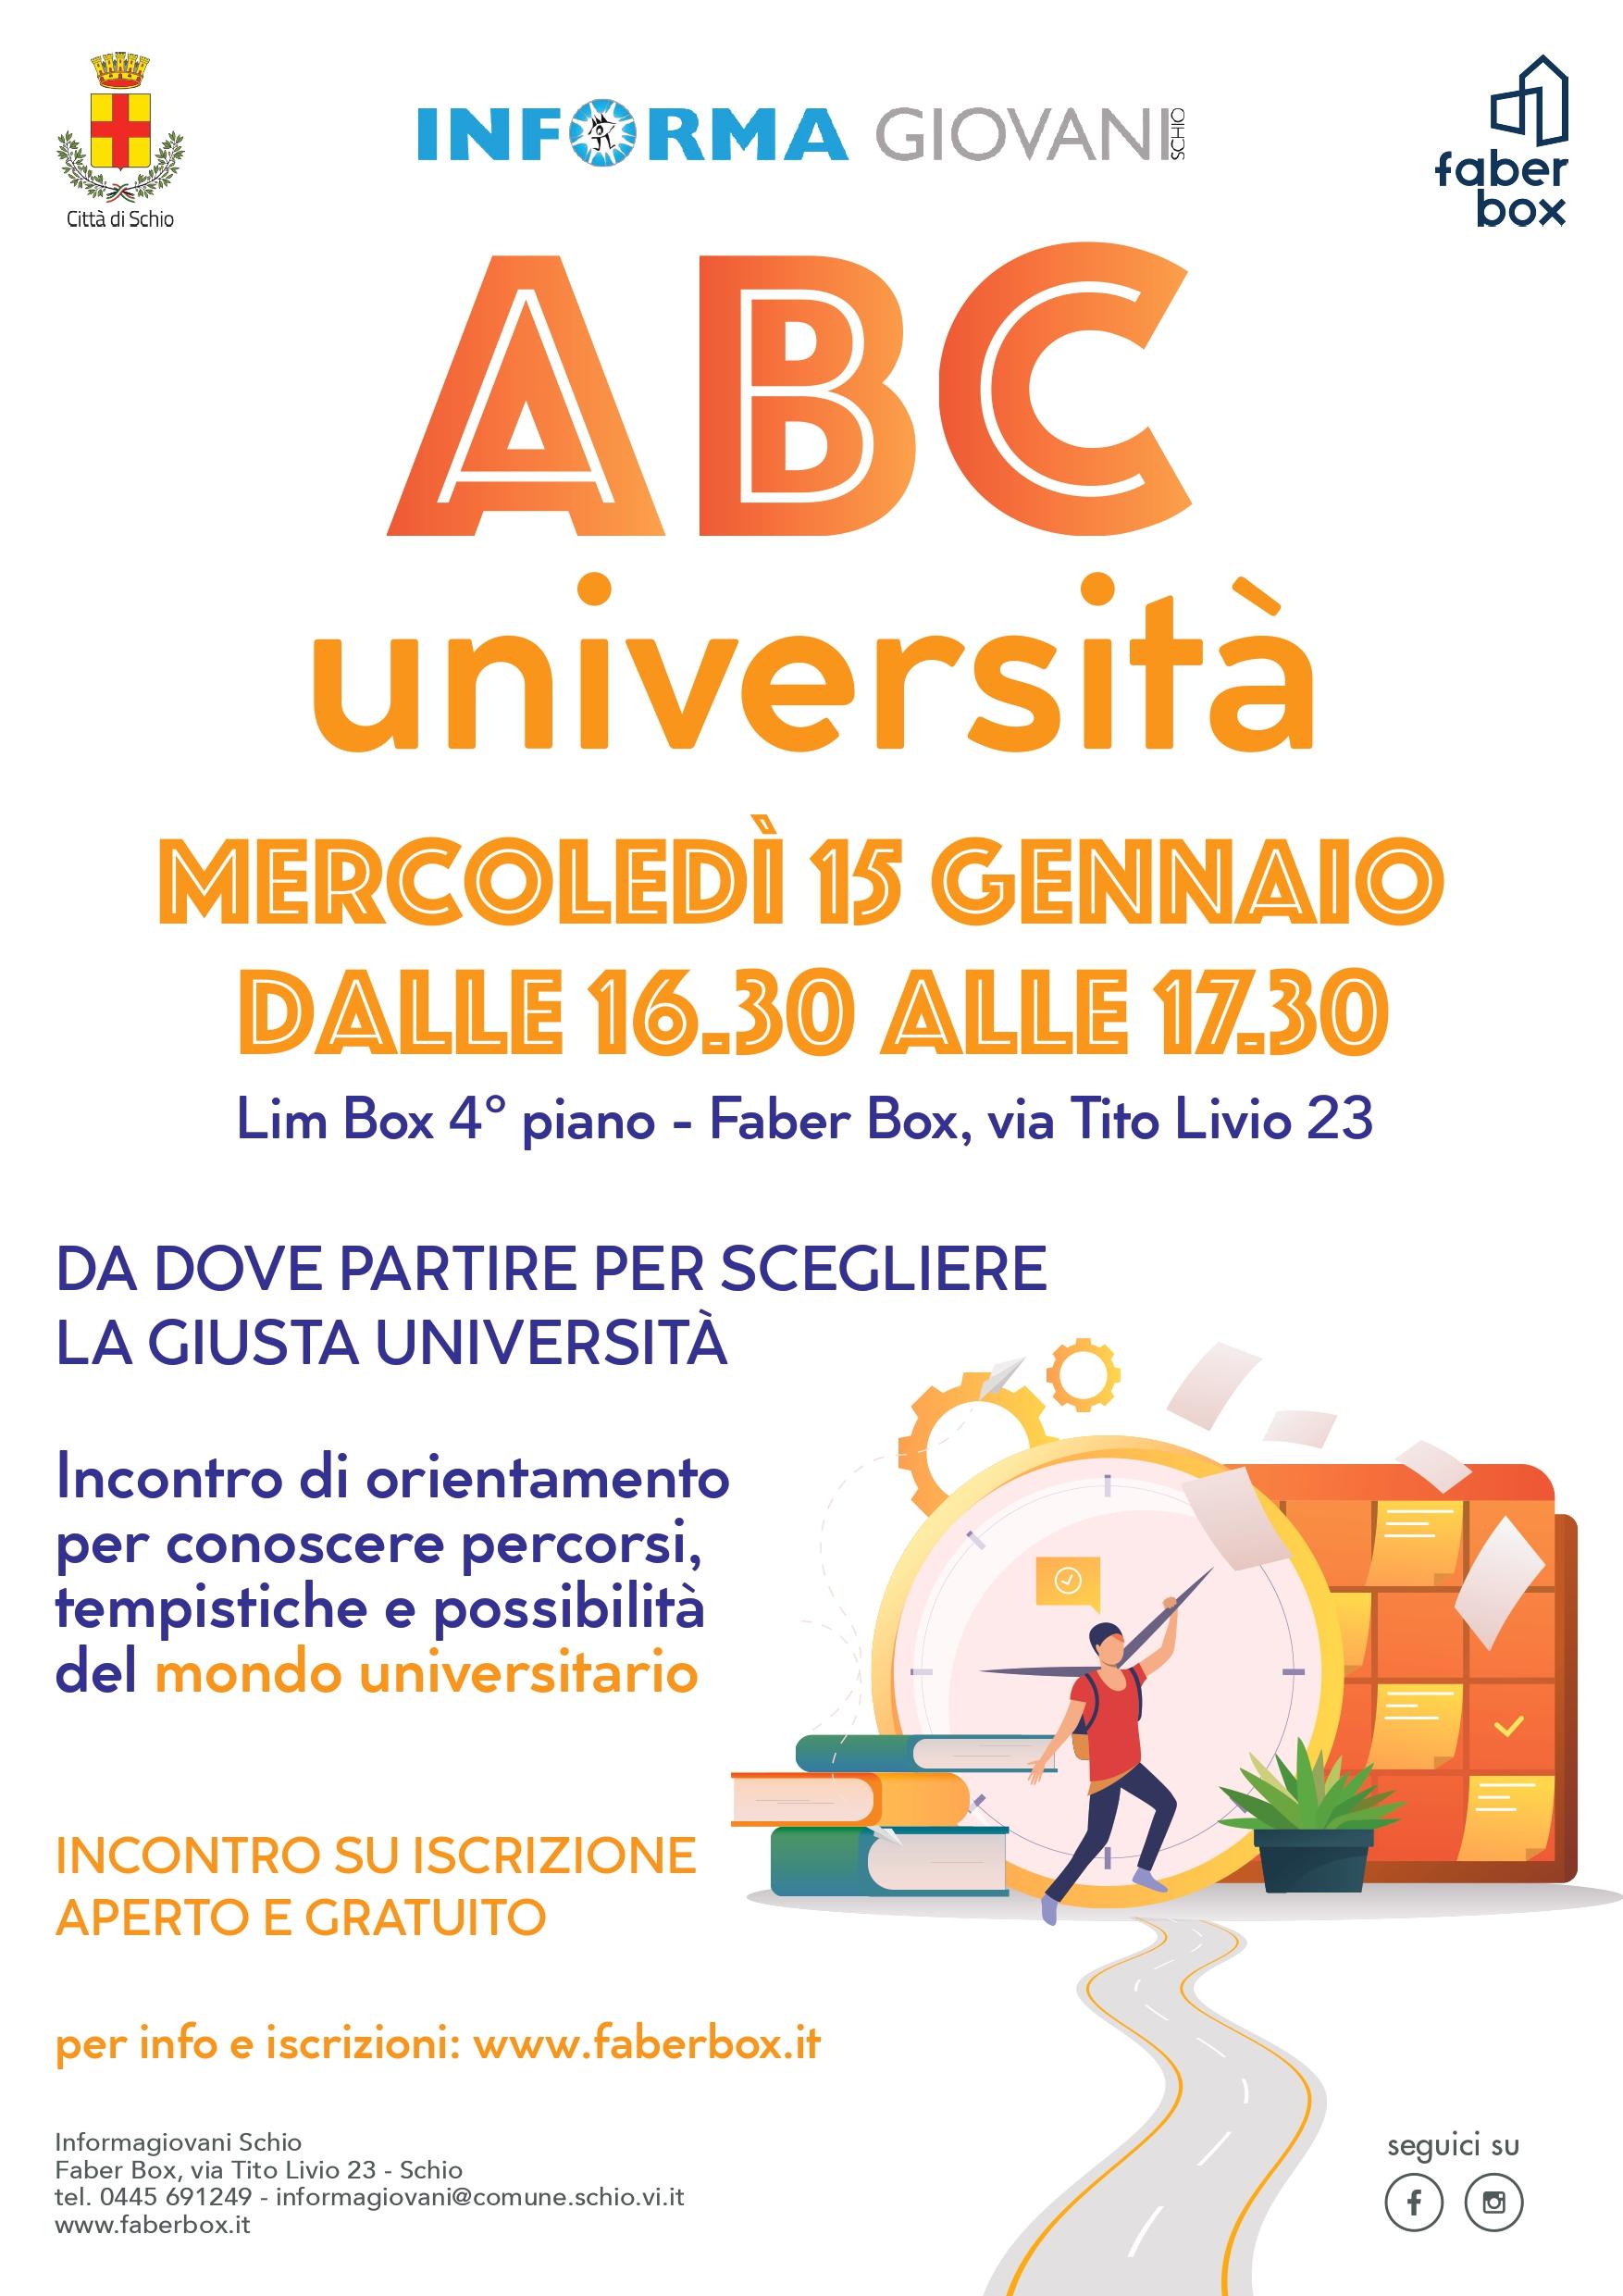 ABC università